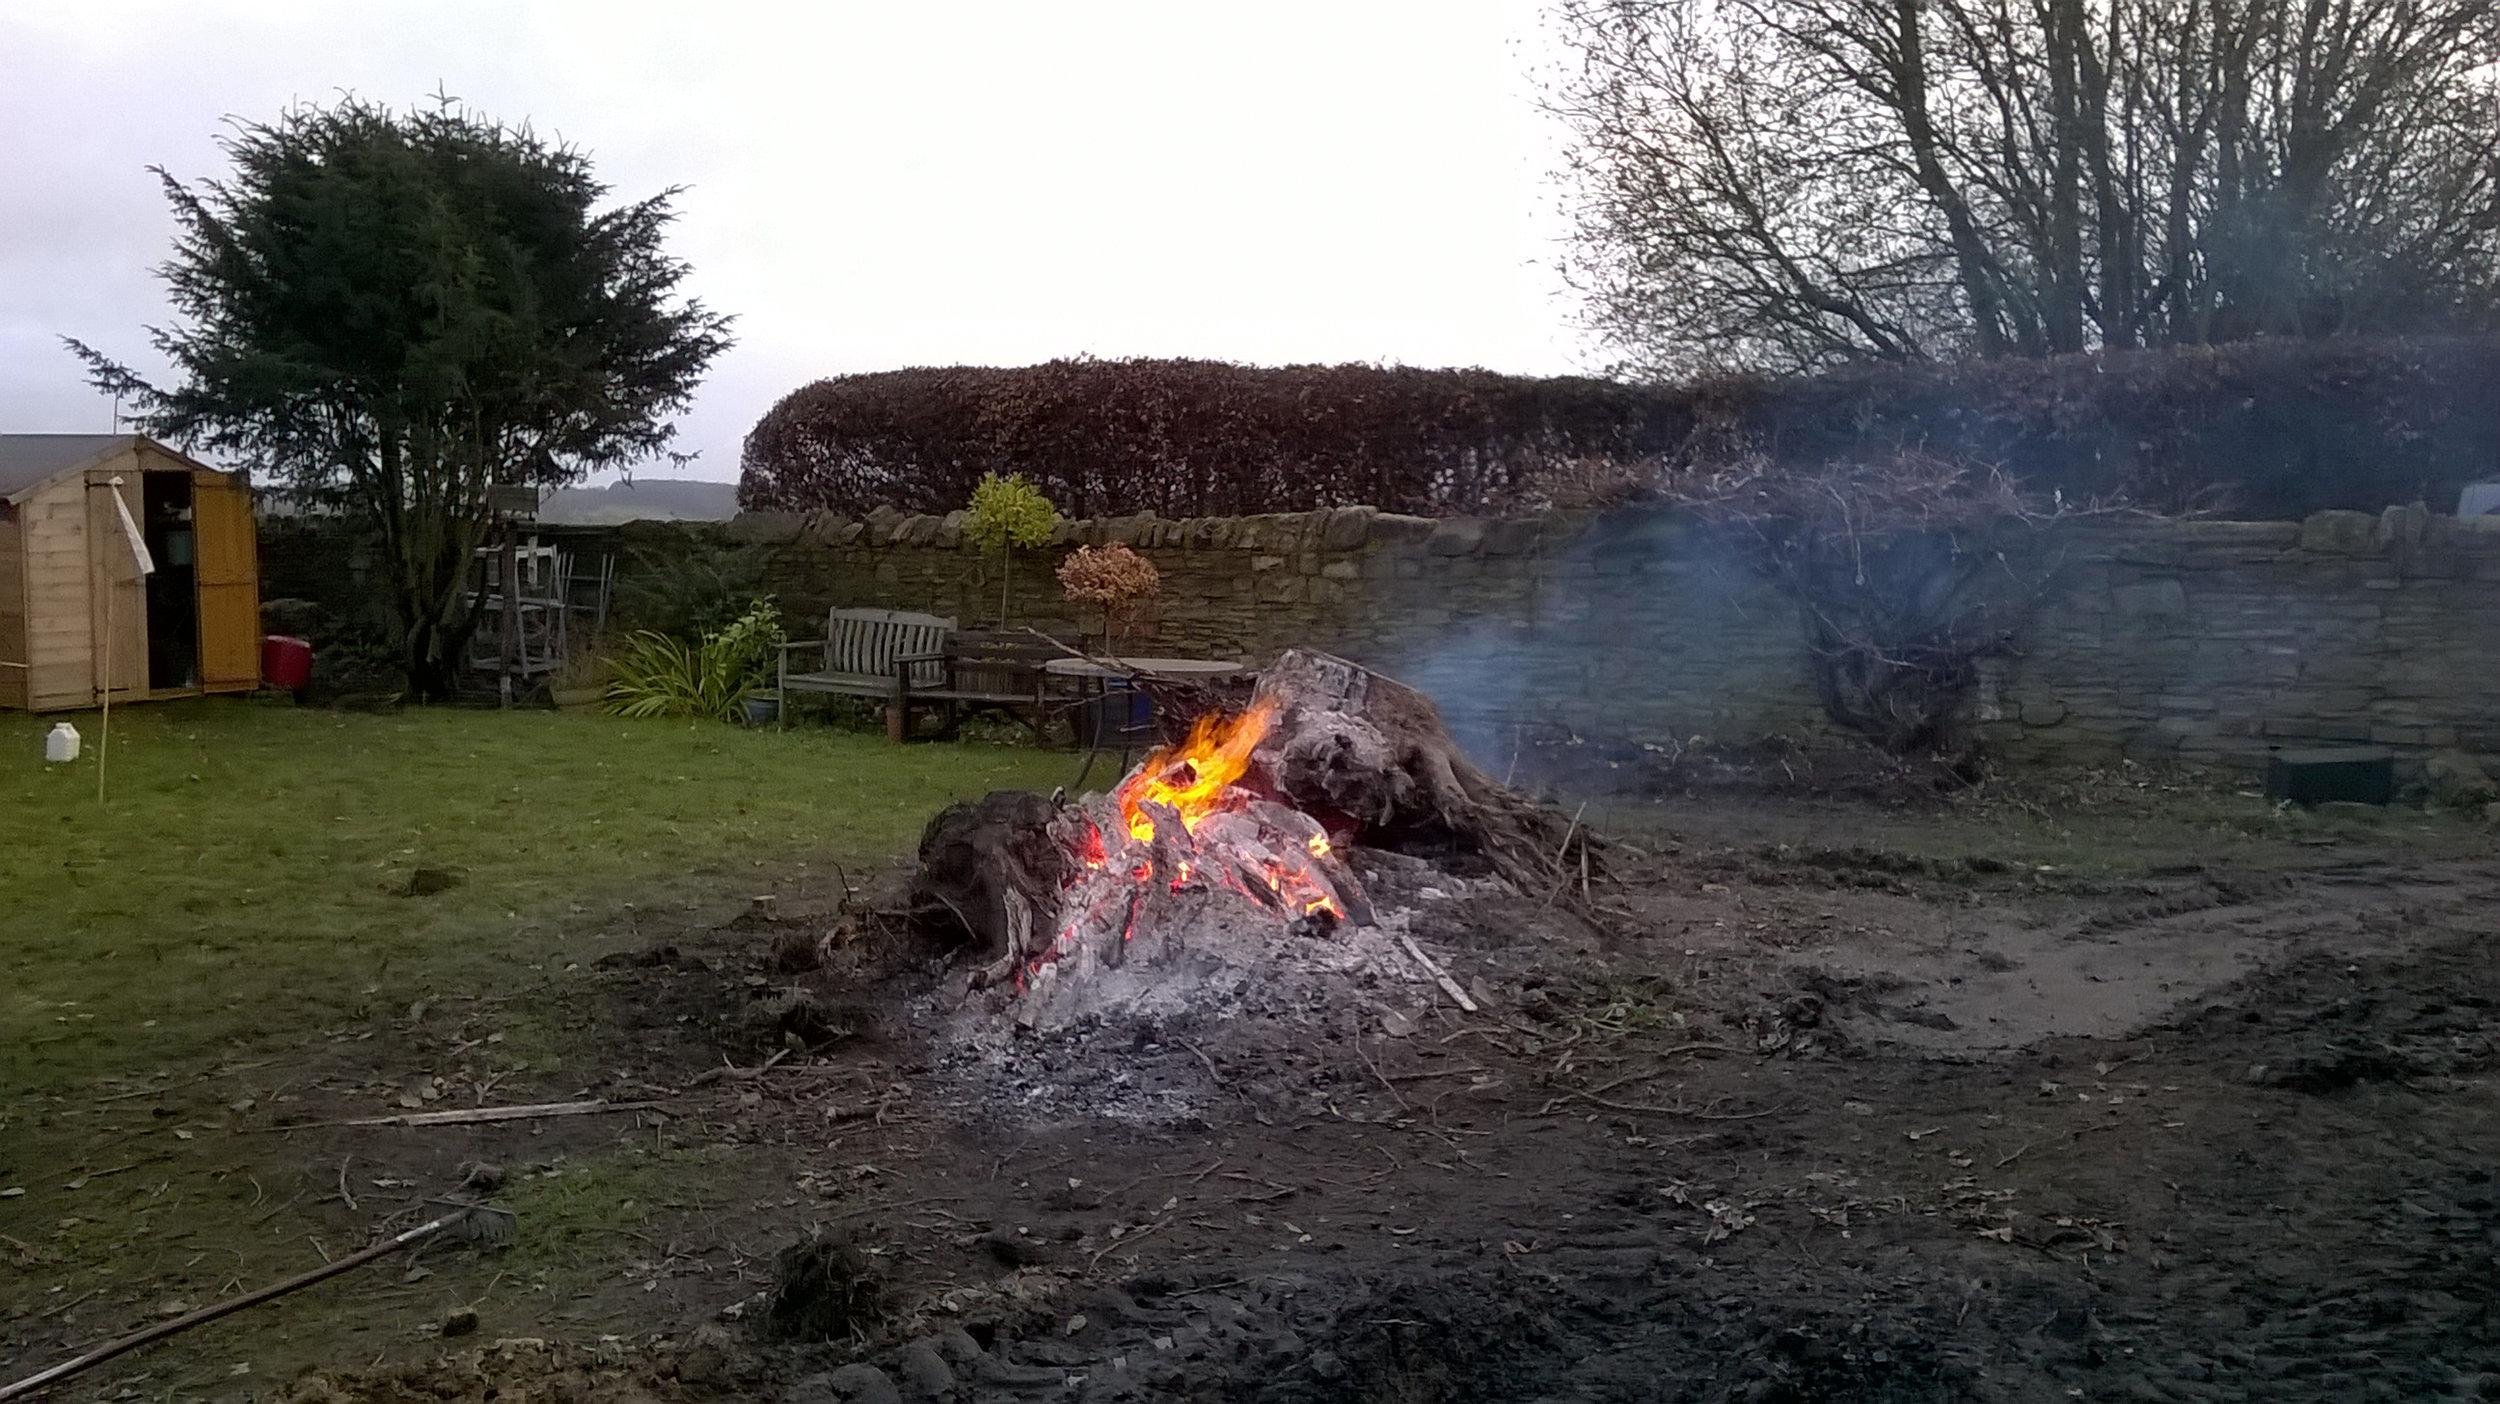 Still burning the tree root